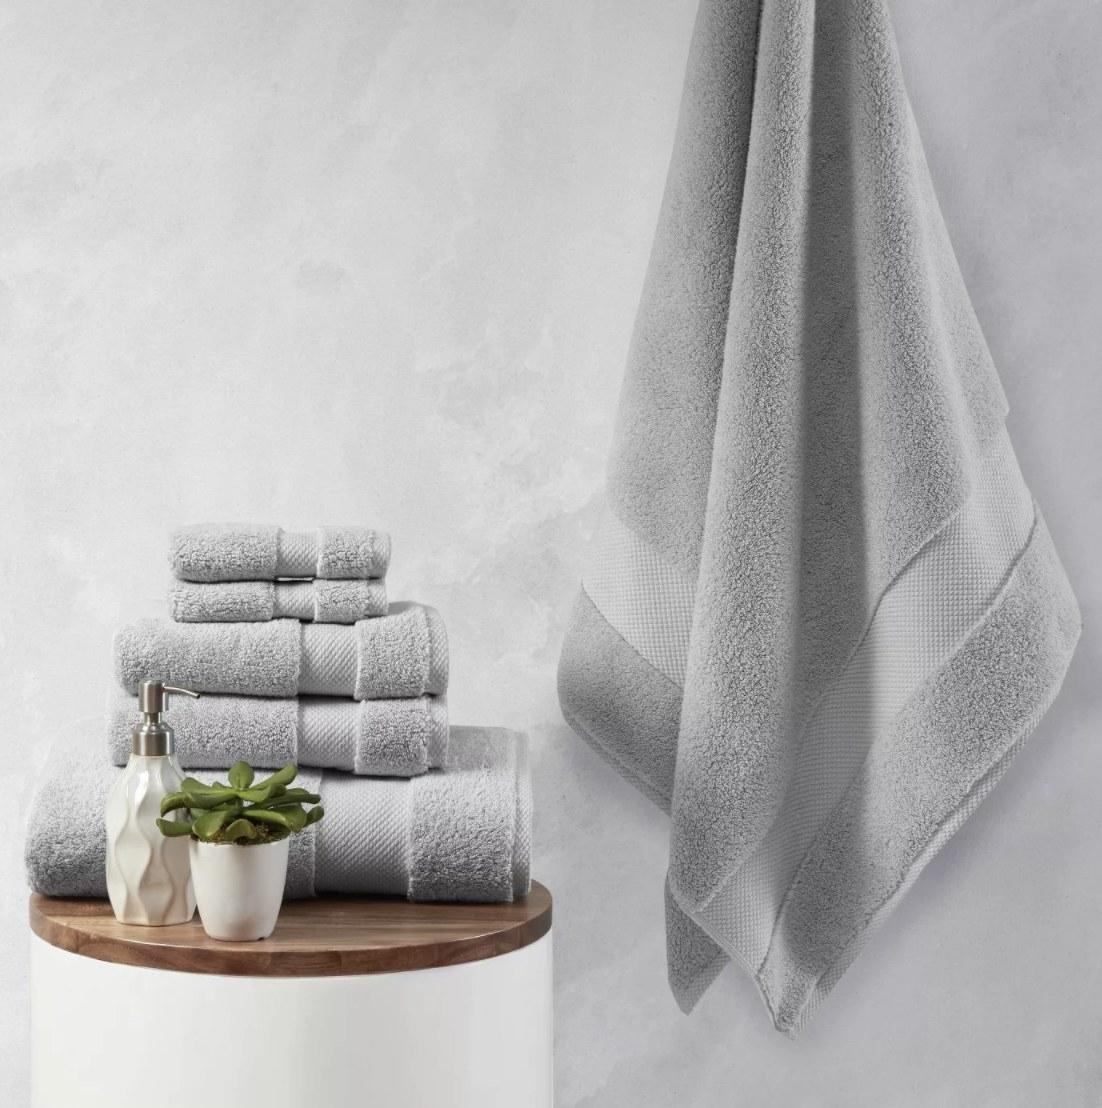 Plush set of bath towels